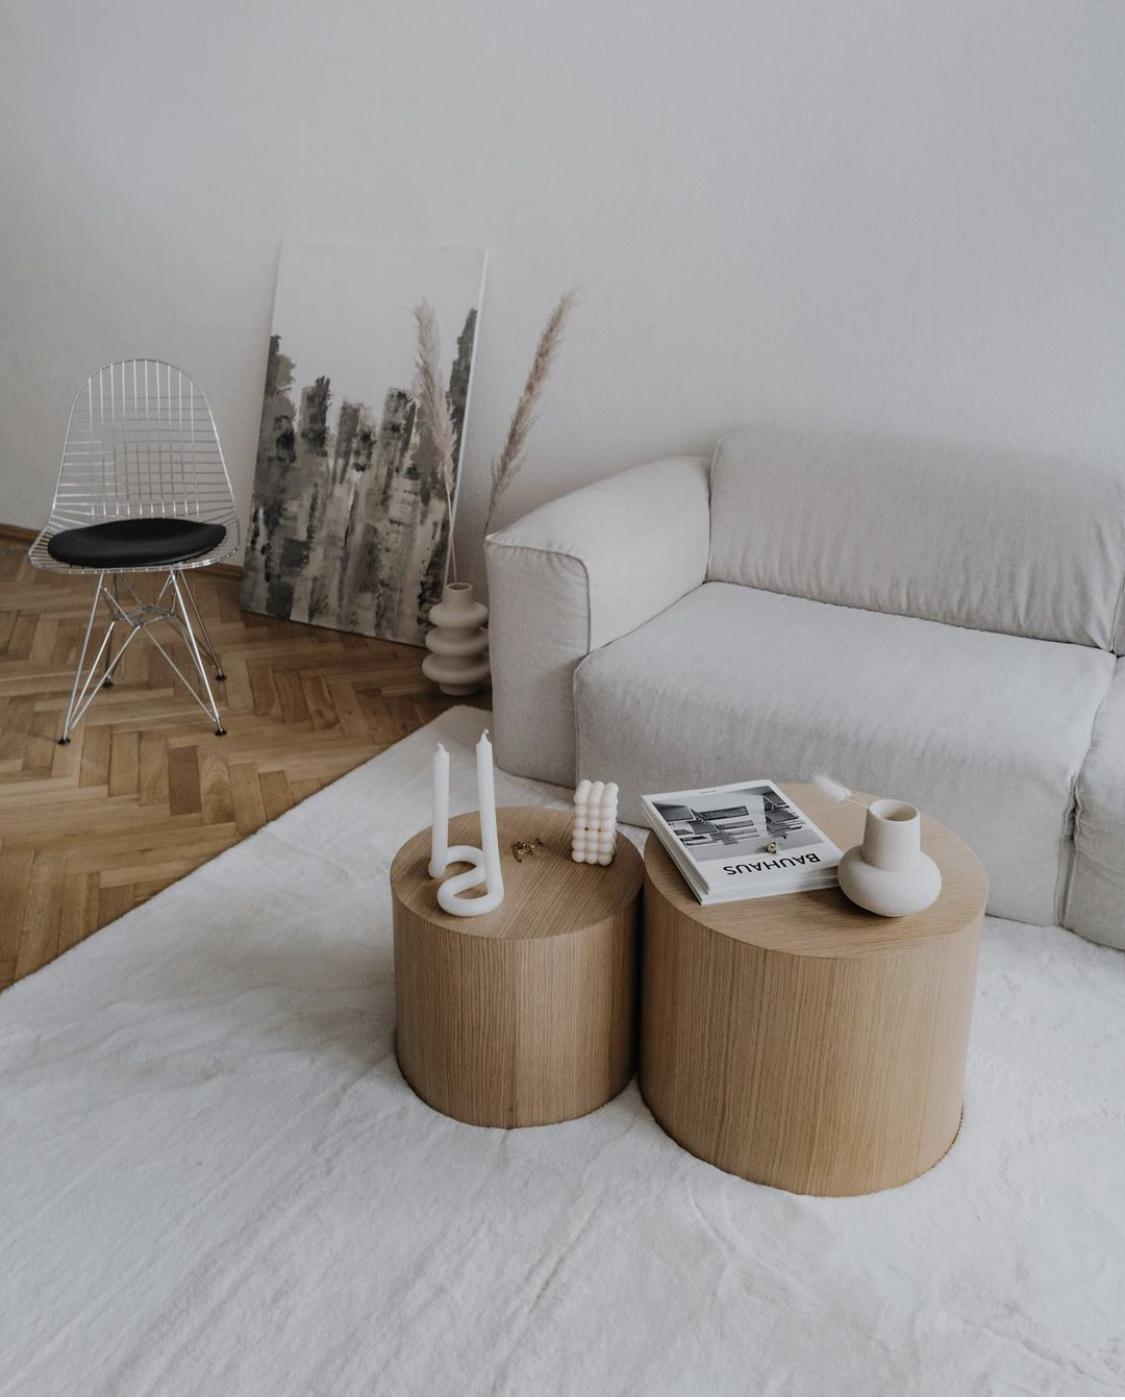 Homestories - Bei Lesern Zuhause - Homestory: Dea mischt Design mit Selbstgebautem - so geht's einfach Desmondo online Magazin und Shop